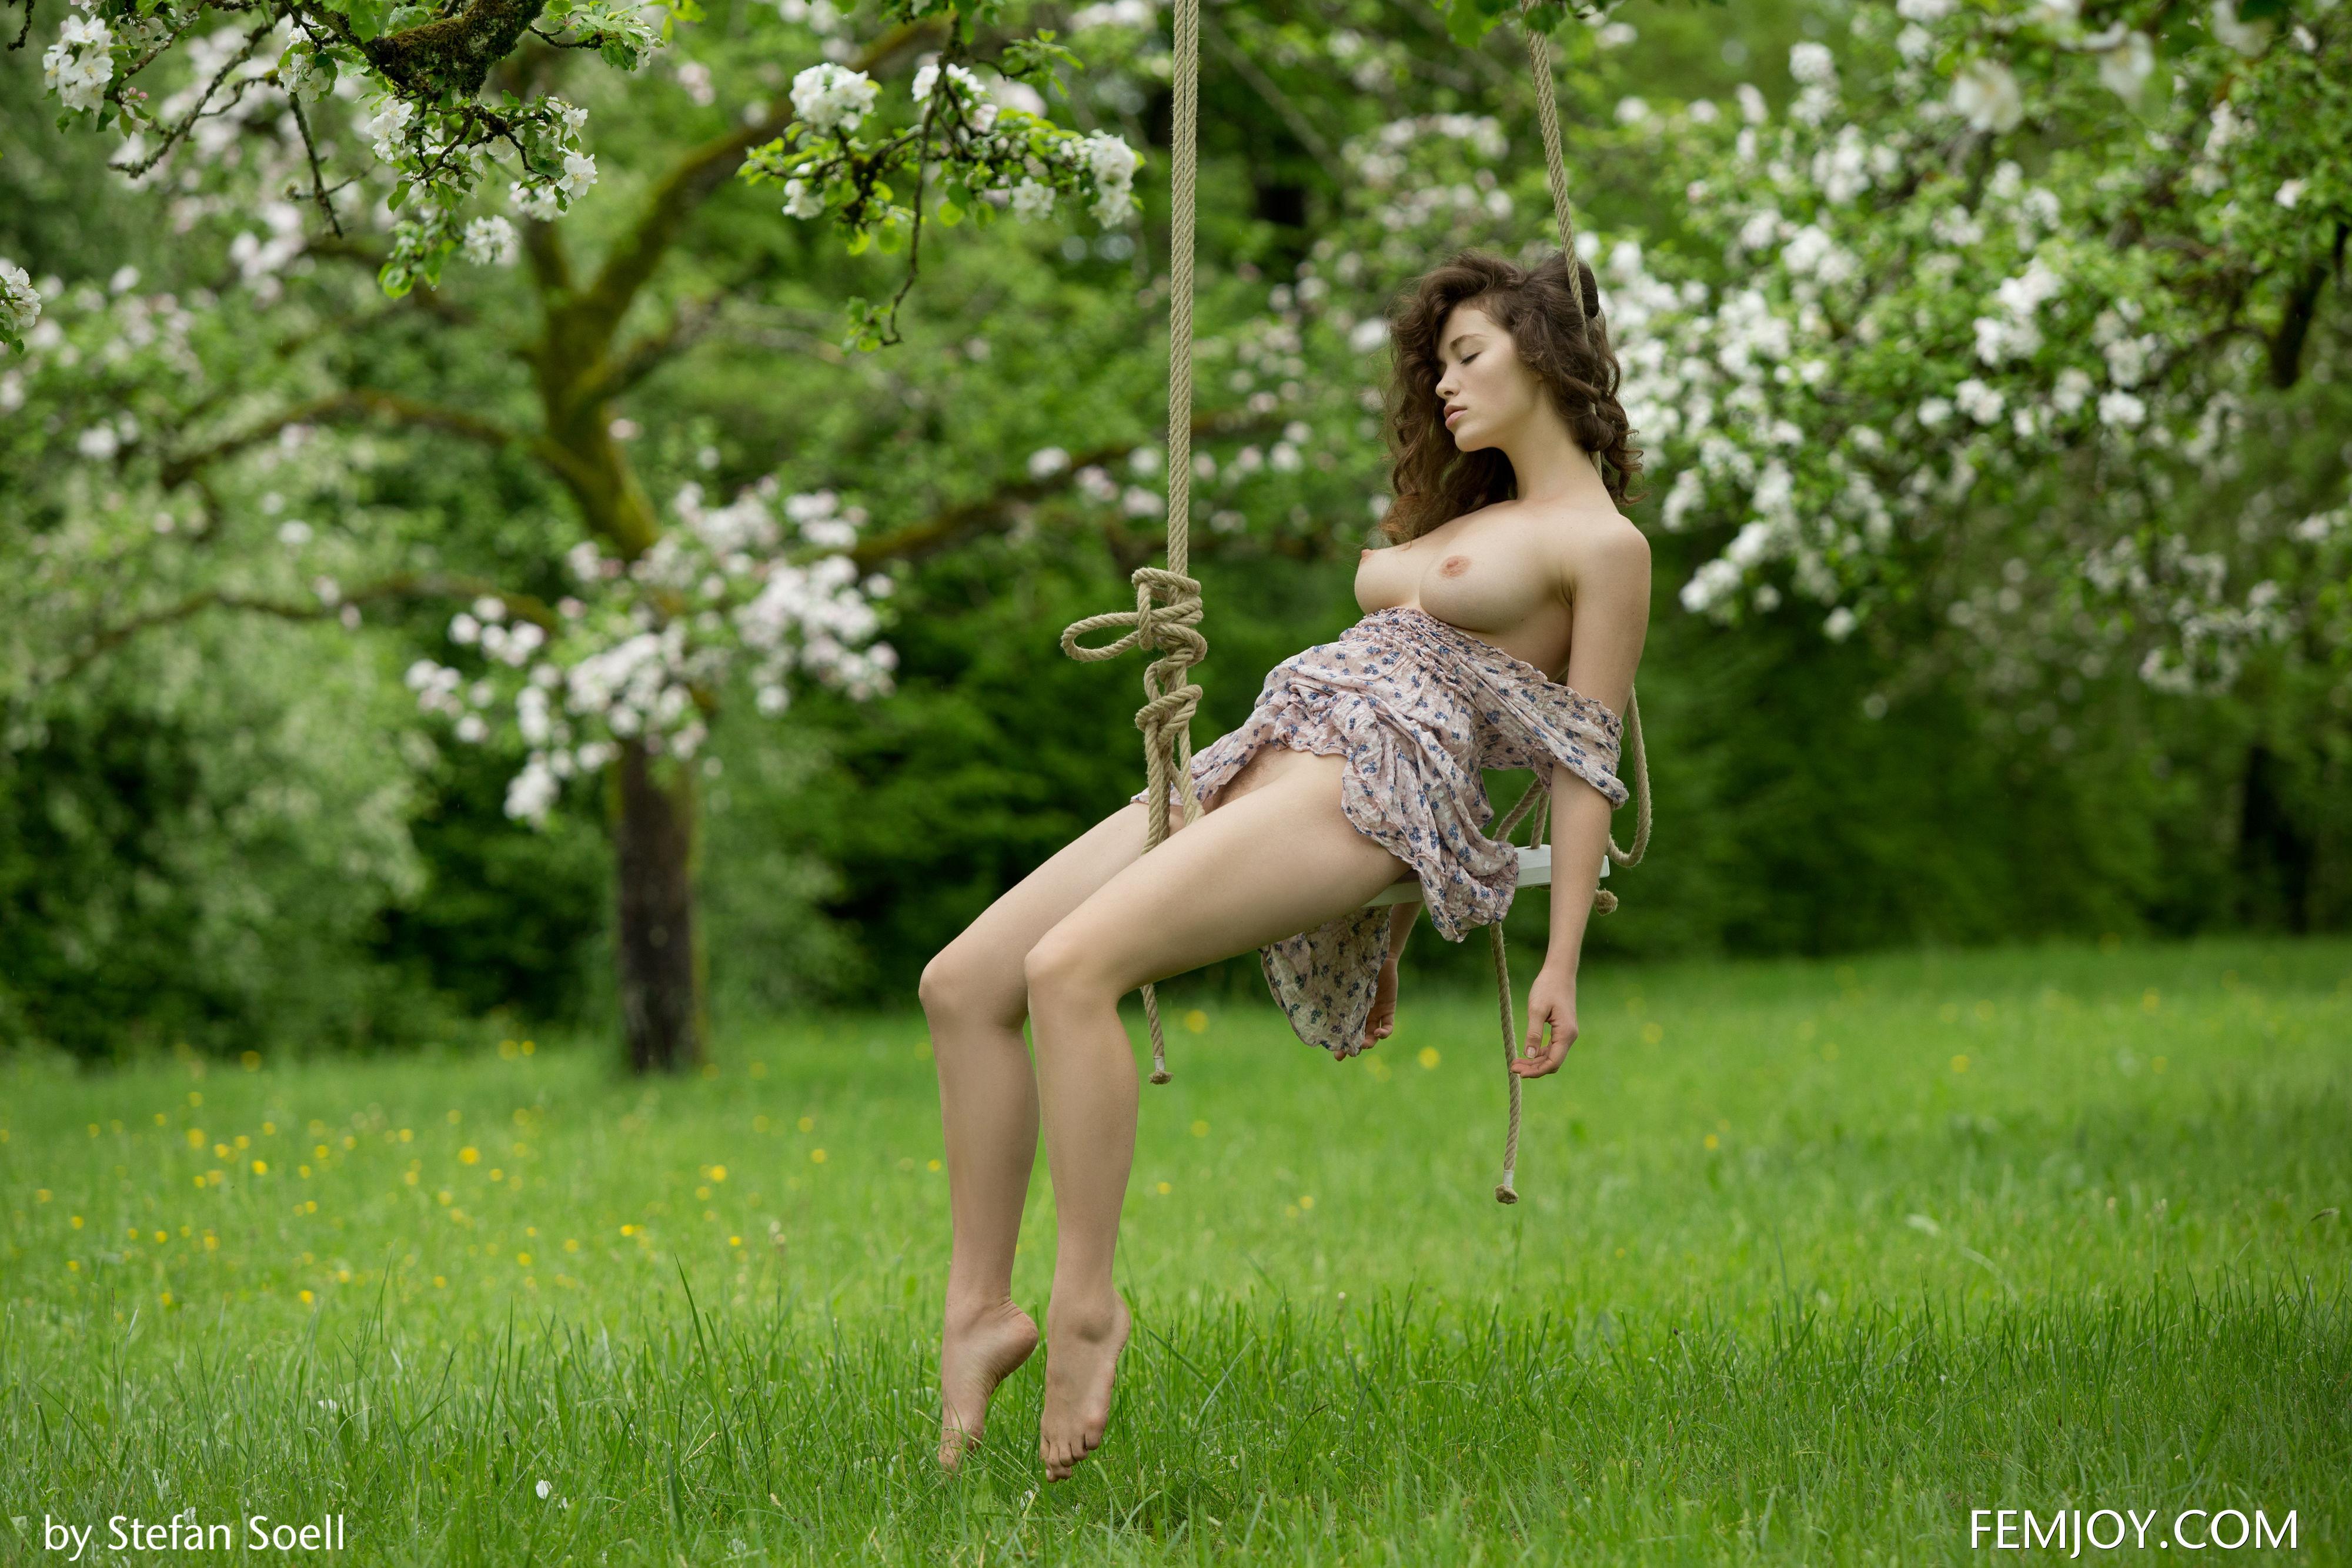 фото голая девушка на качелях ведь так